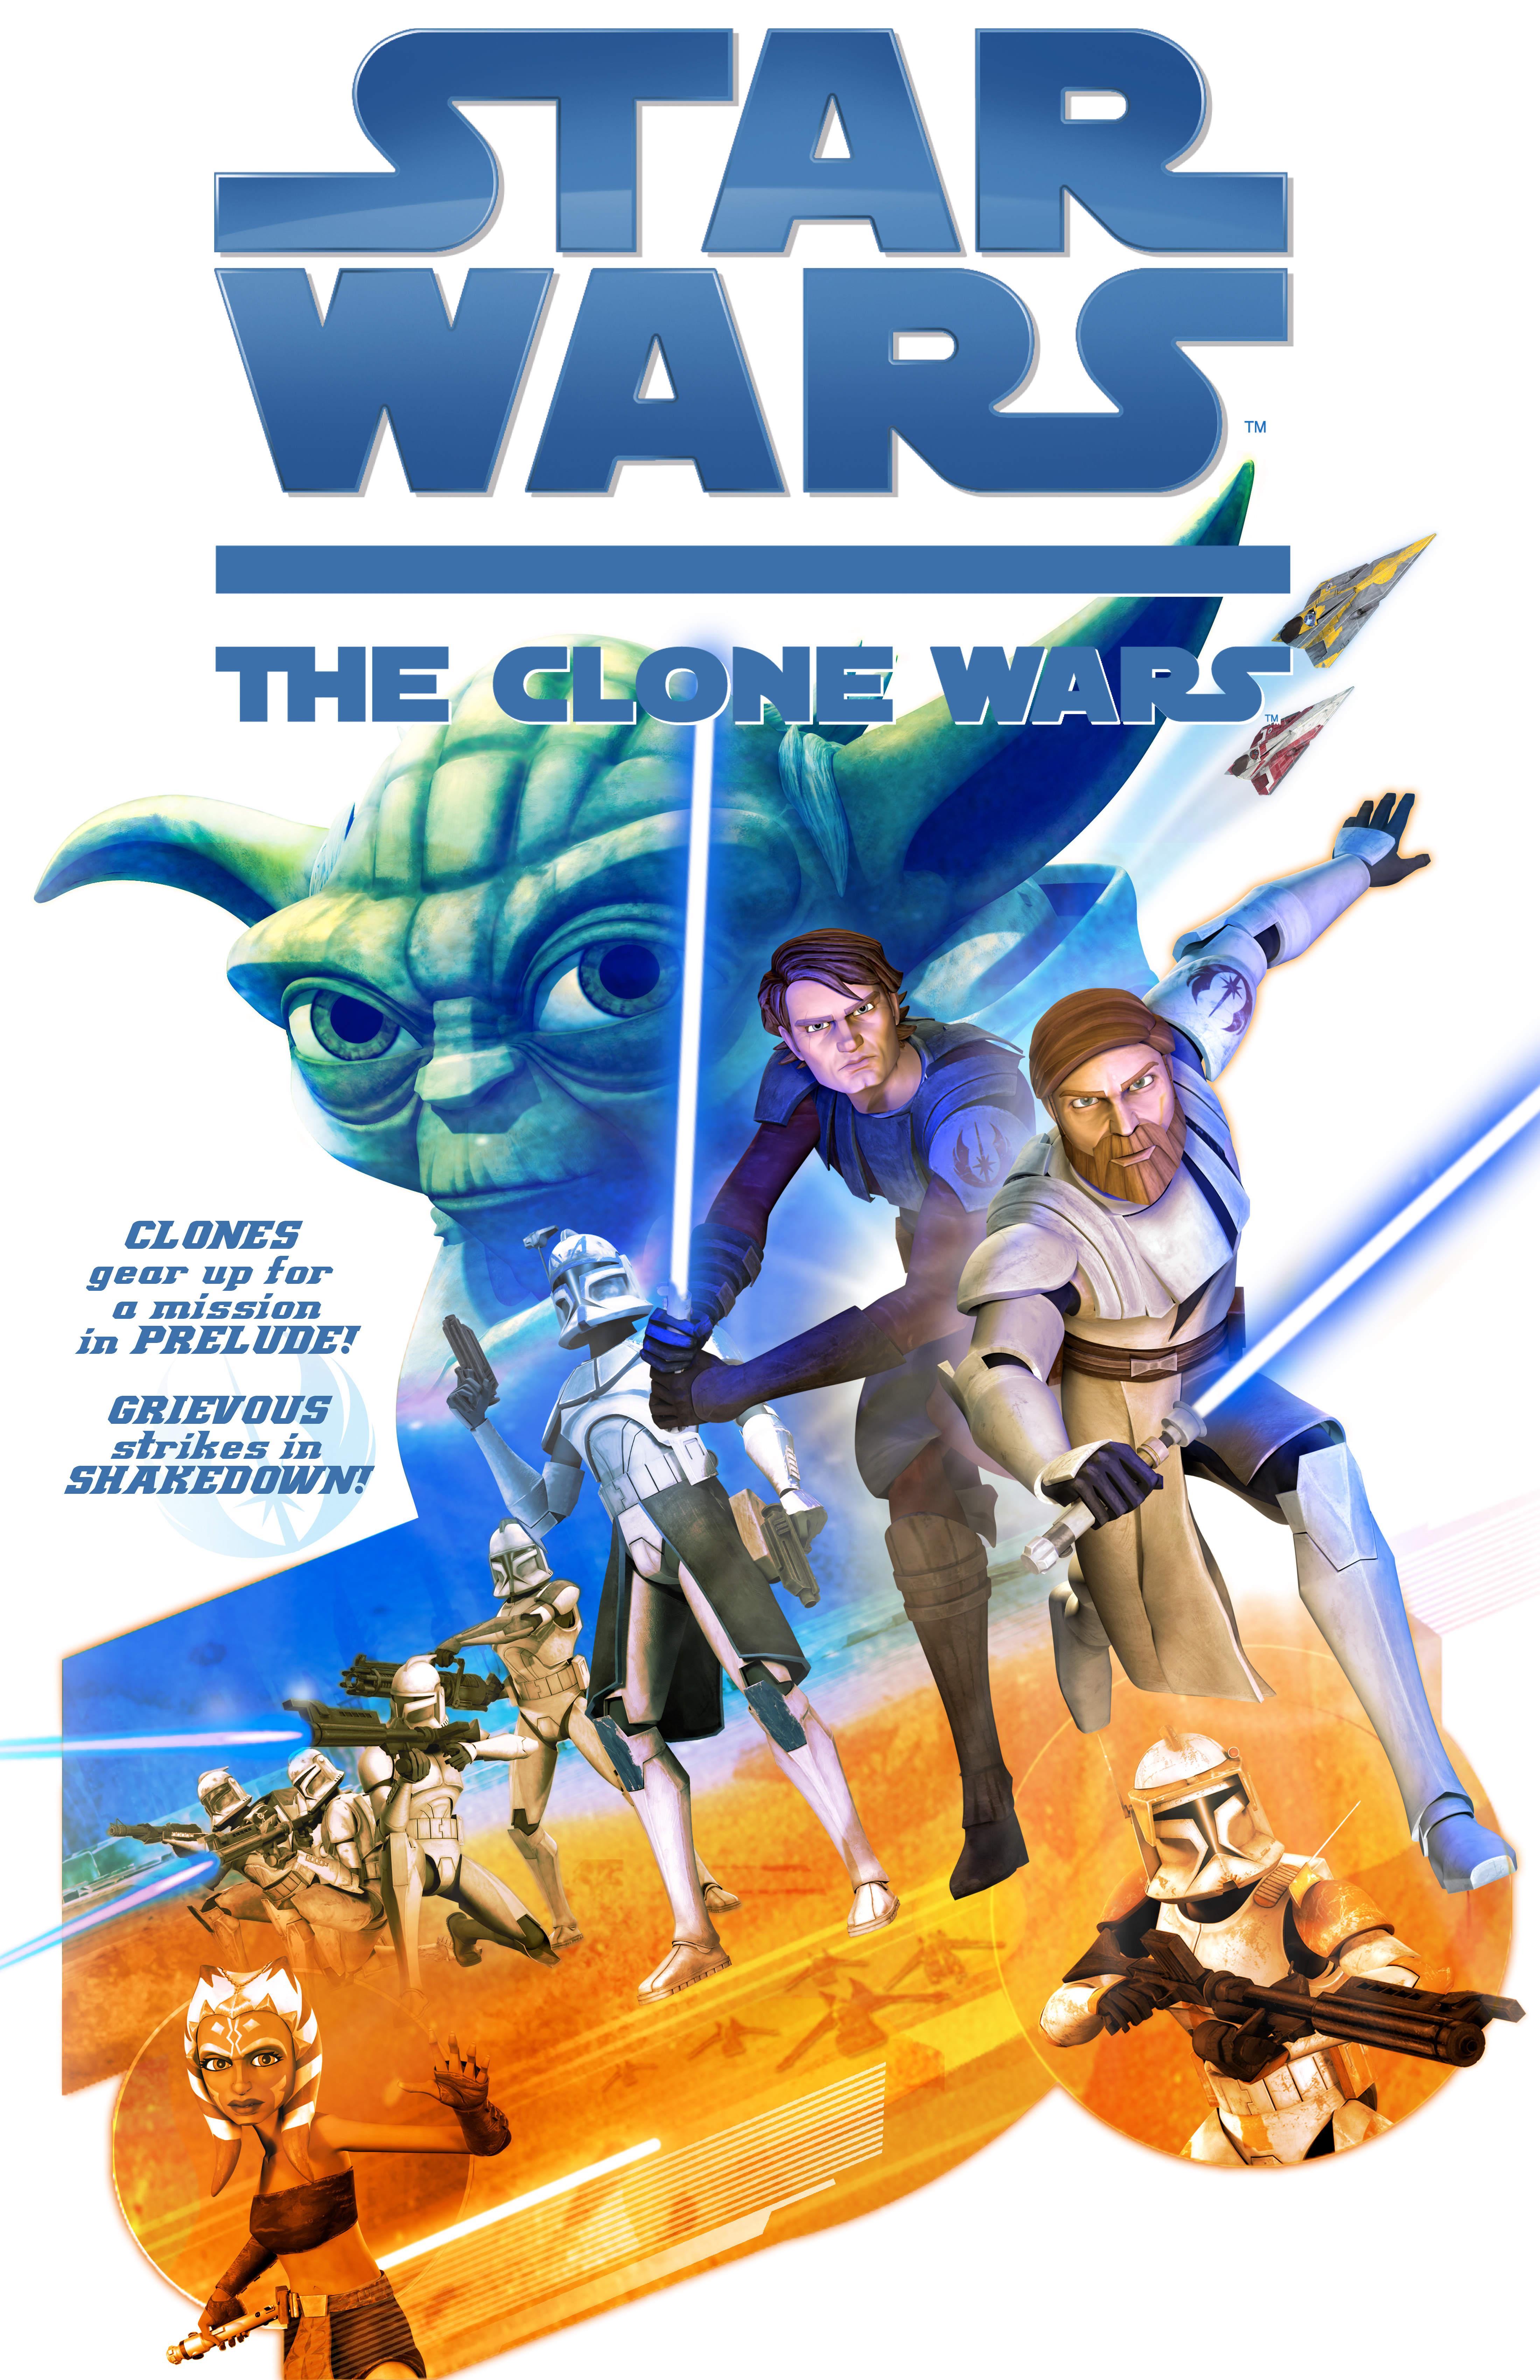 Star Wars Clone Wars Comic Books Star Wars The Clone Wars